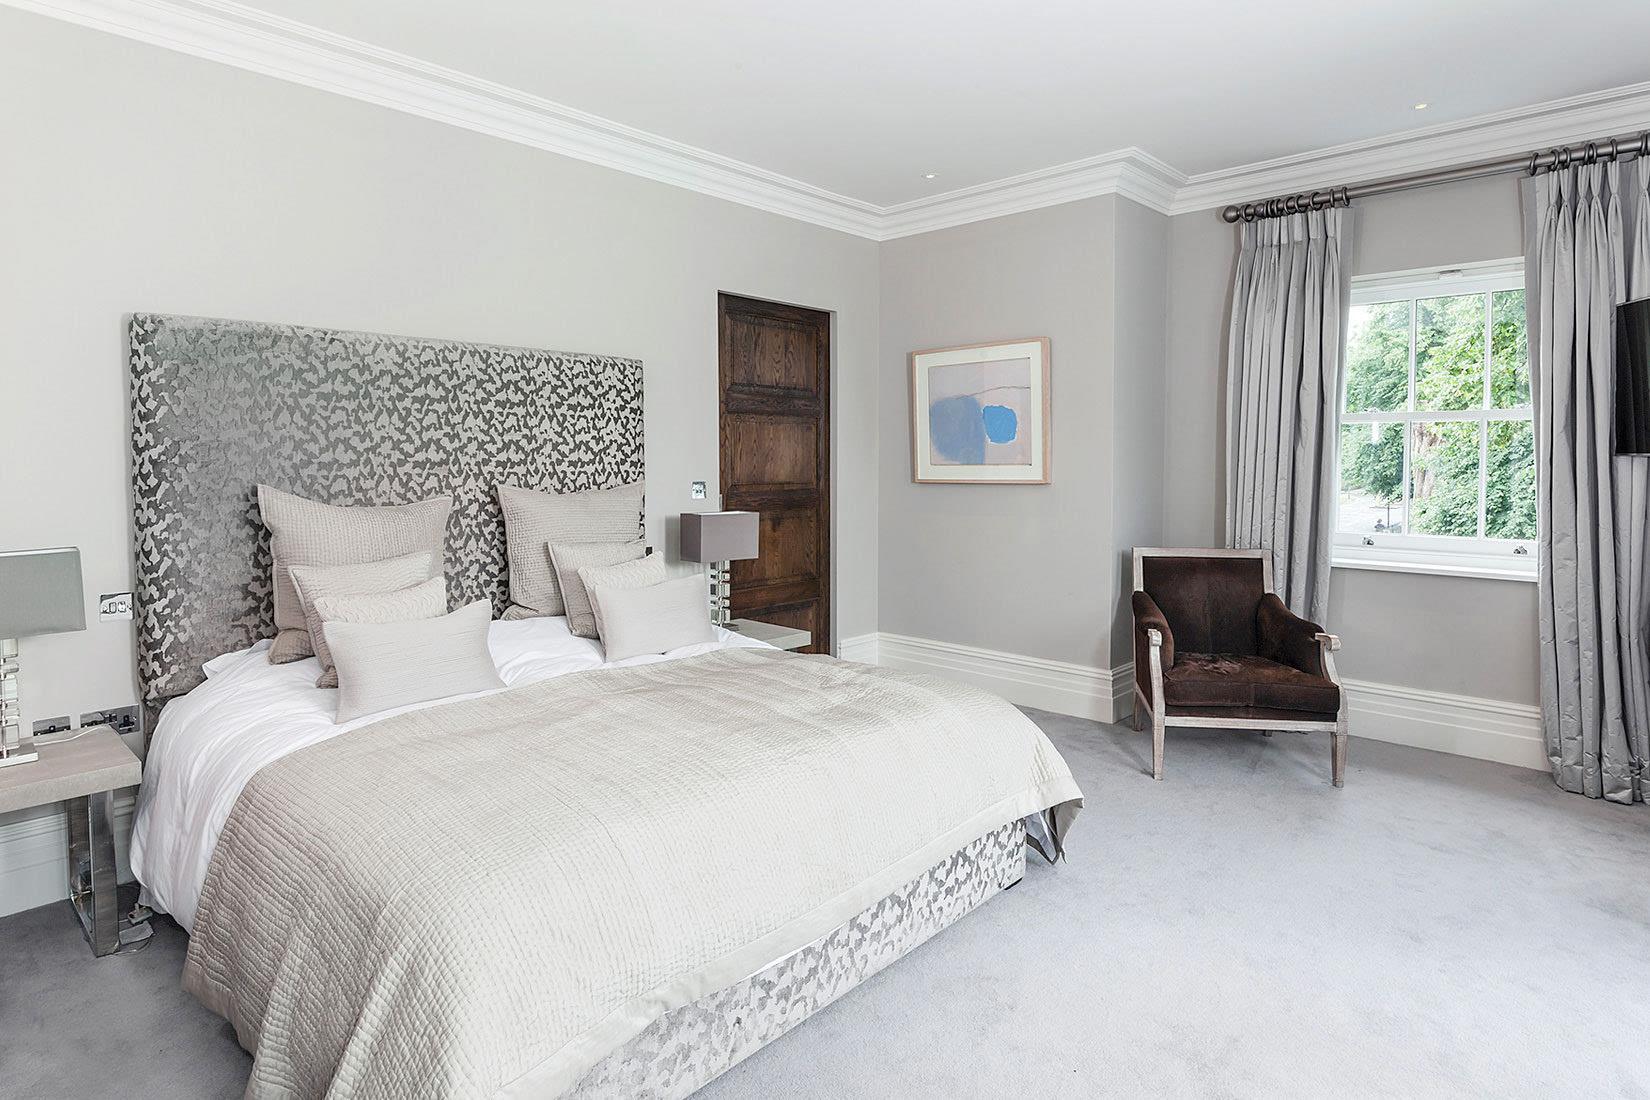 简约欧式别墅设计_至尊奢华居家体验